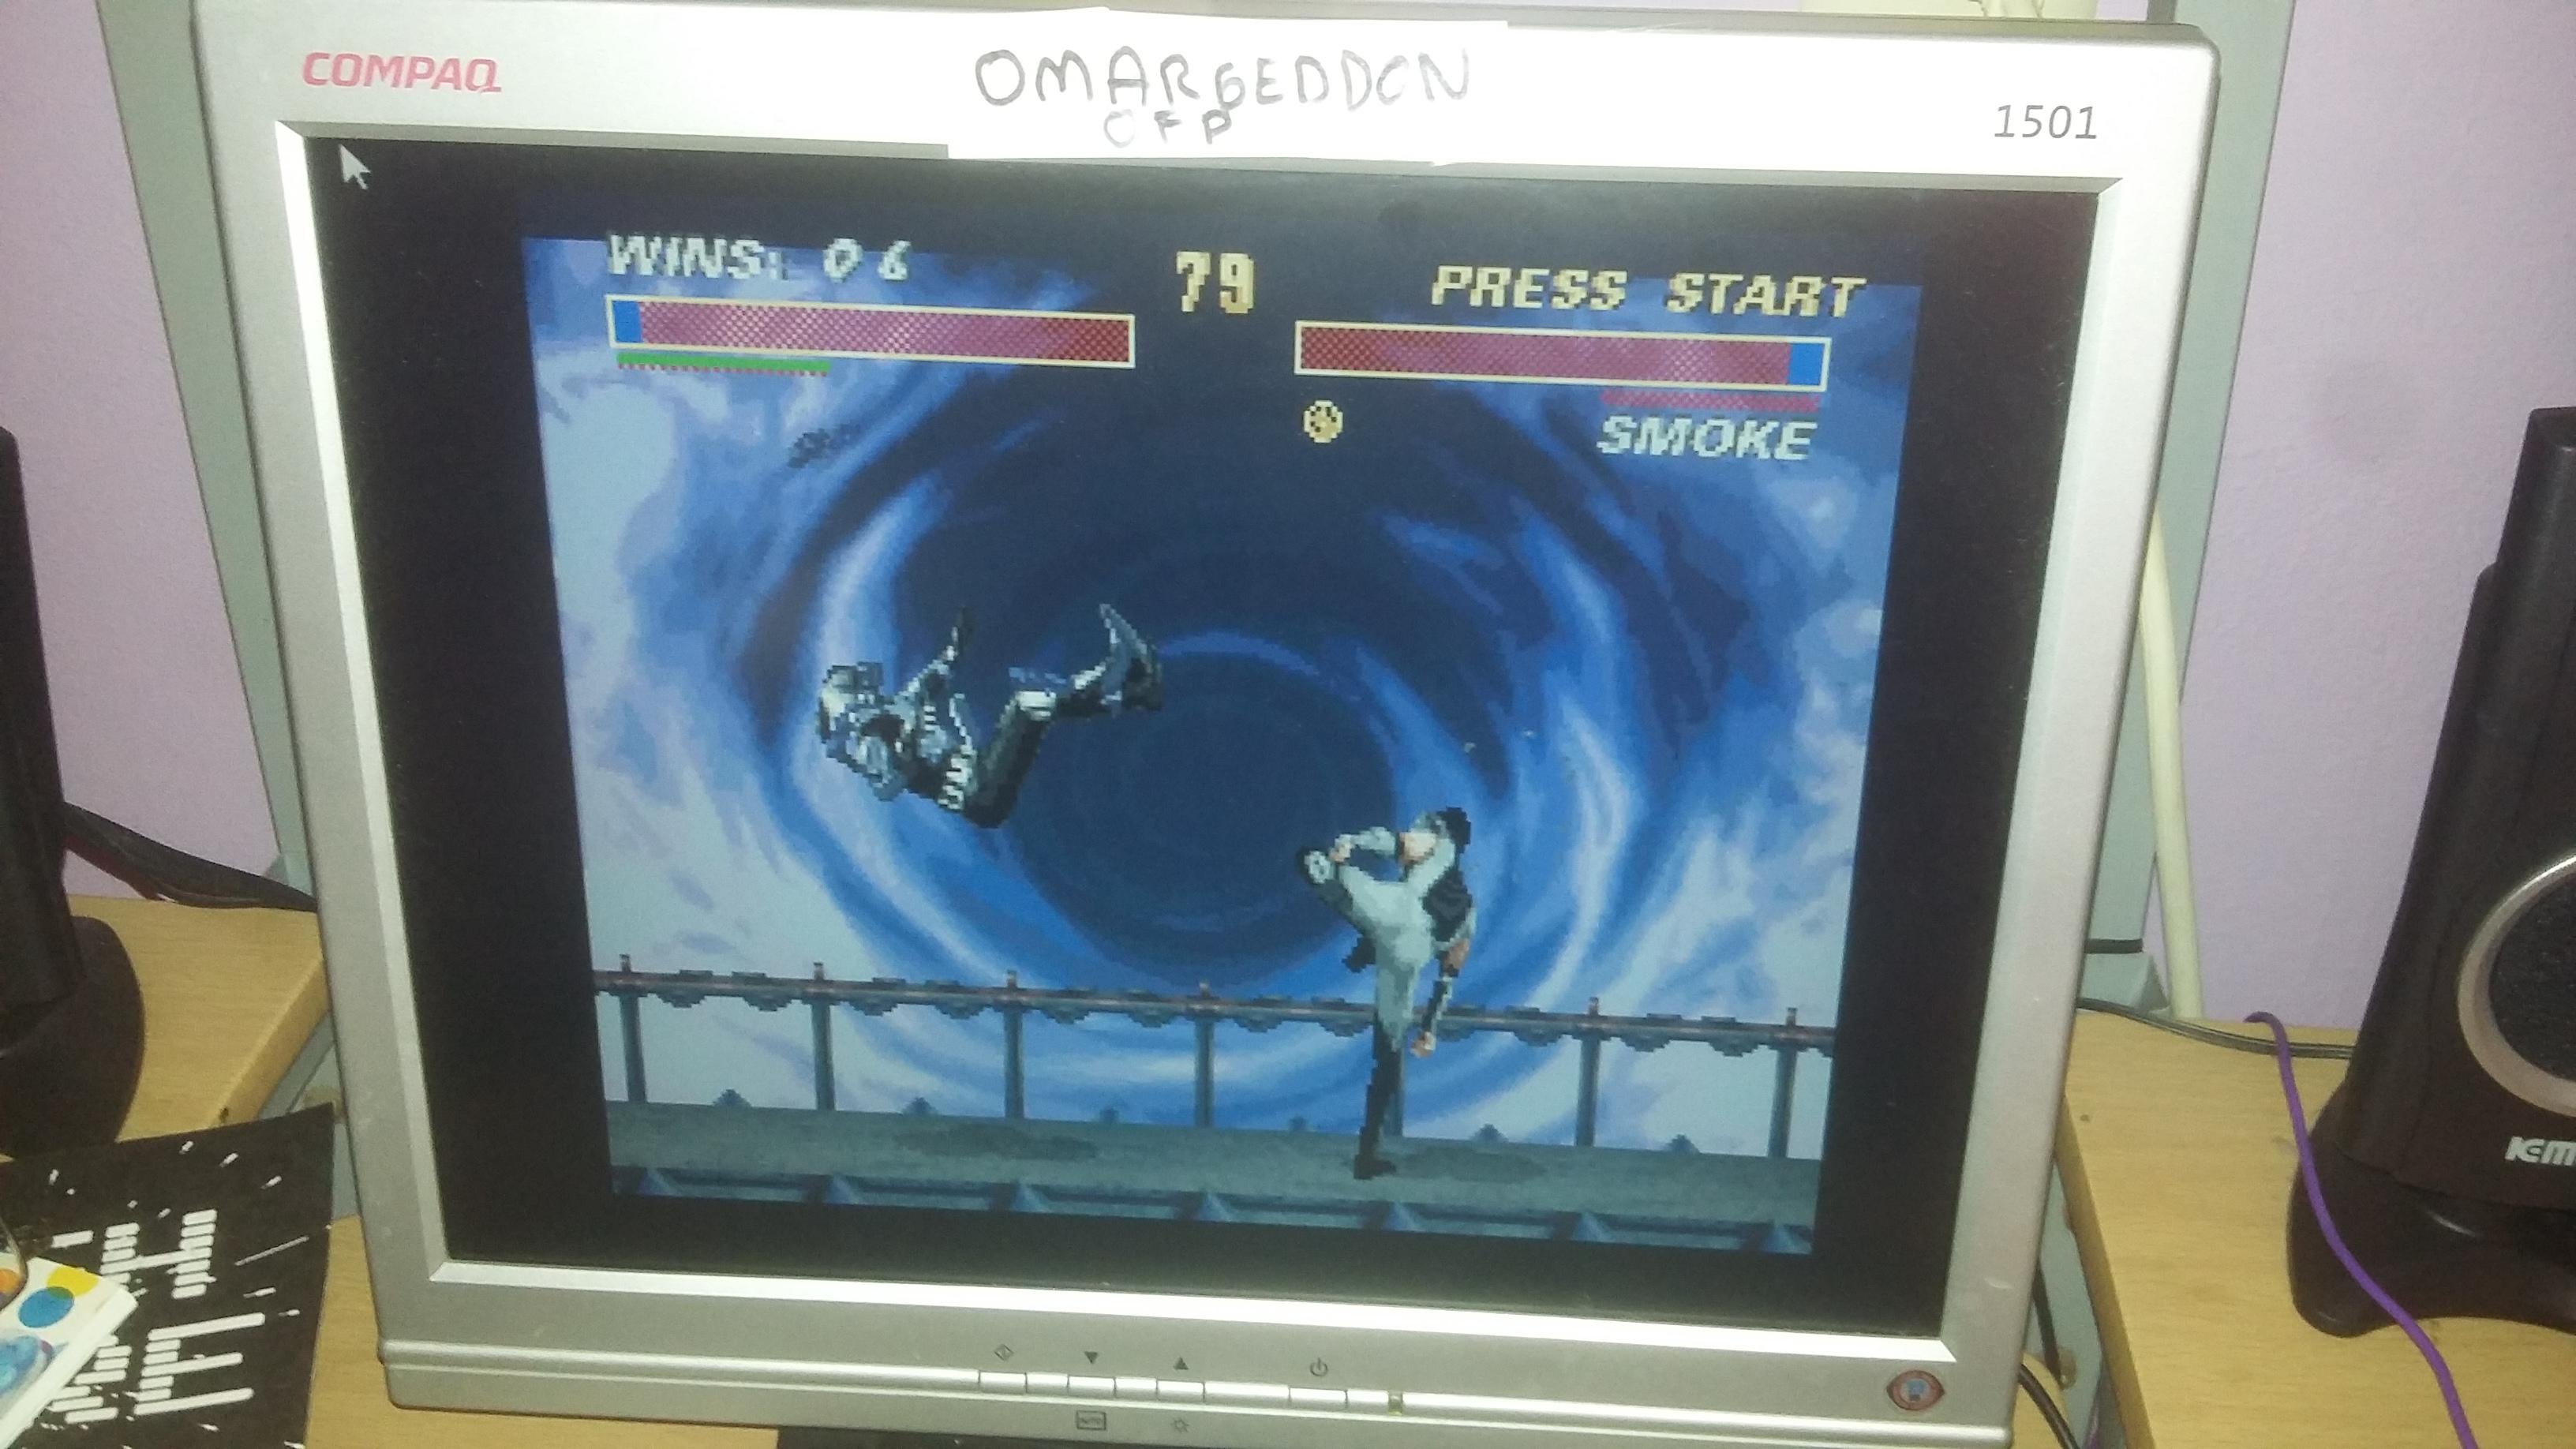 Ultimate Mortal Kombat 3 [Win Streak] 6 points